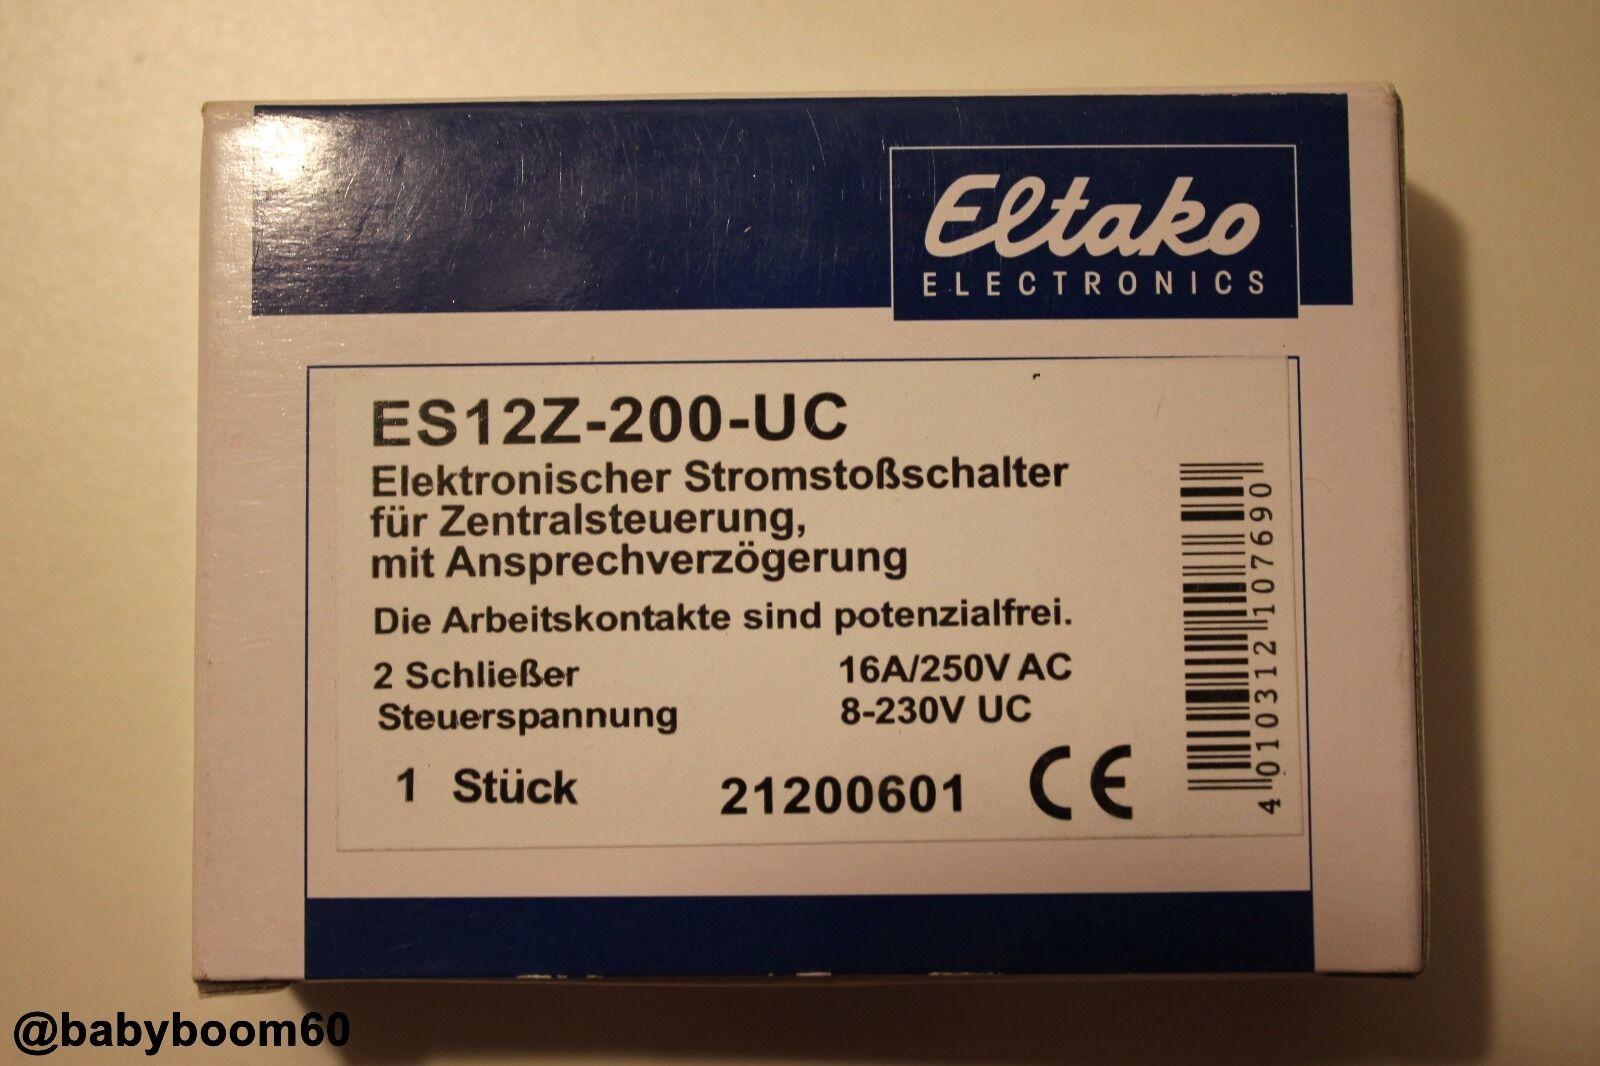 Eltako Elektronische Stromstoßschalter für Zentralsteuerung ES12Z-200-UC   2S   Elegante Form